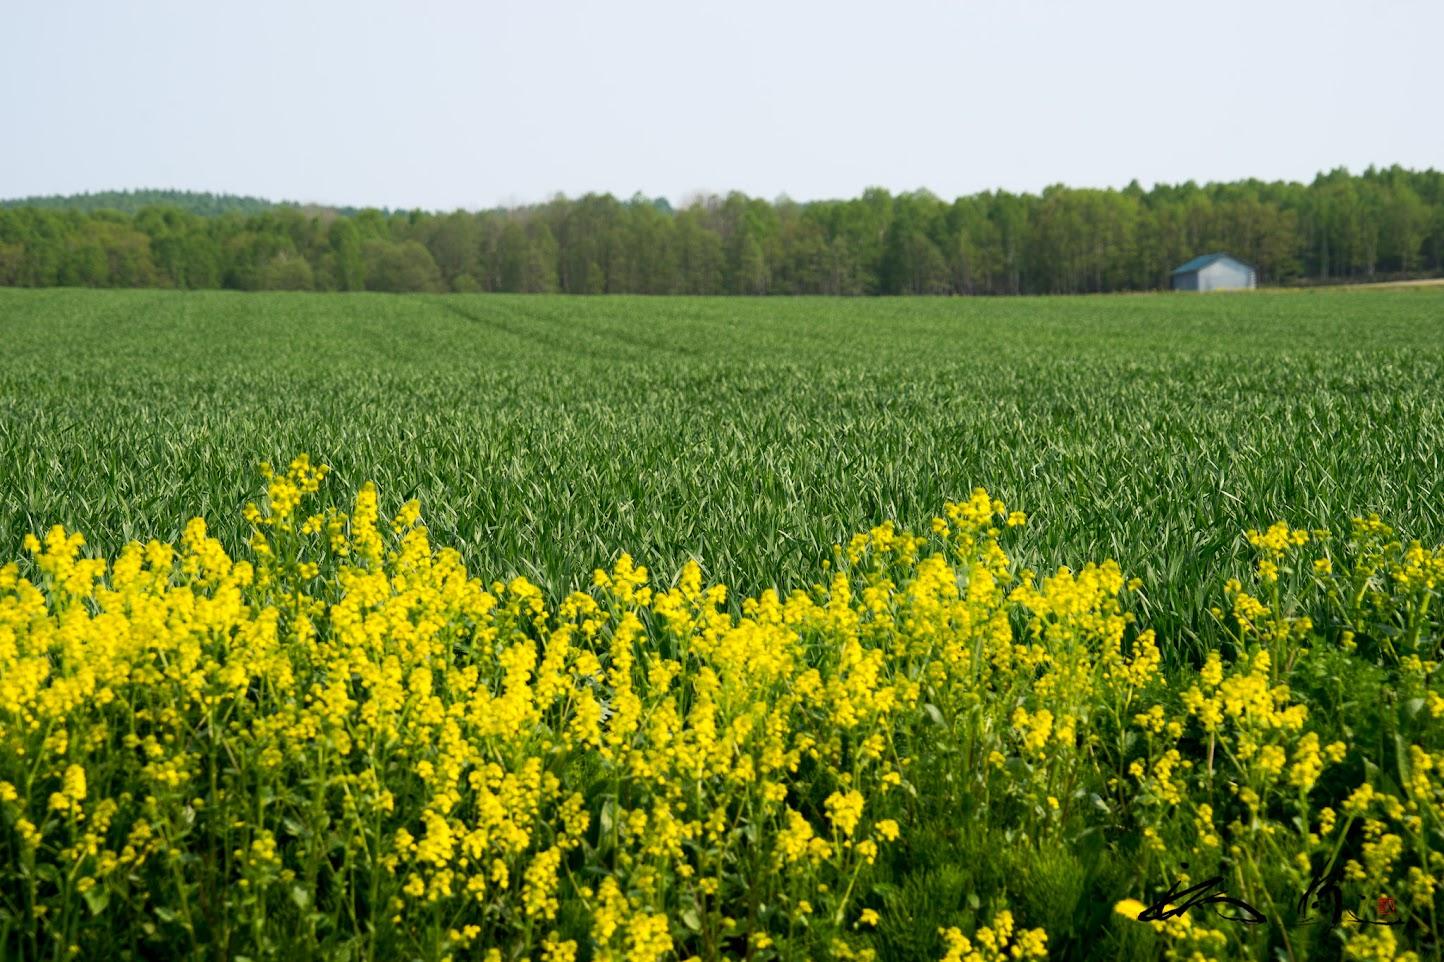 緑と黄色の鮮やかな季節